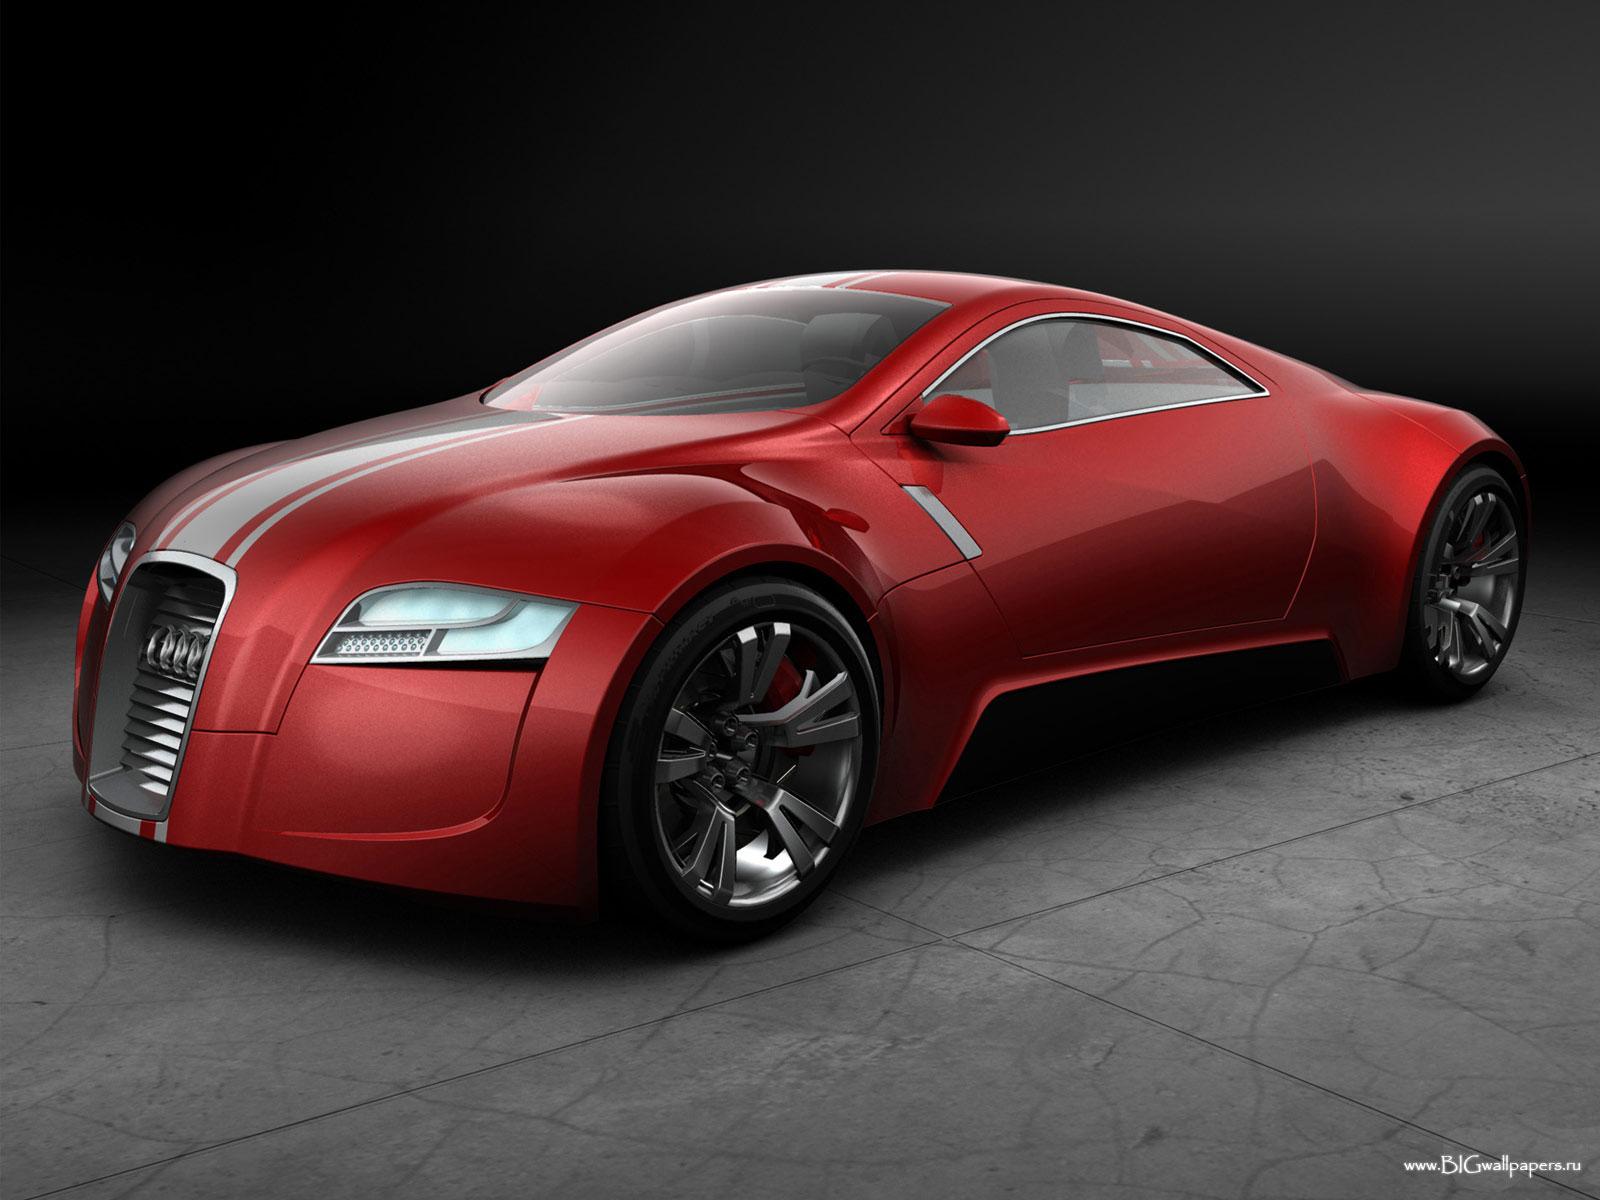 Fondos autos Audi Futuro